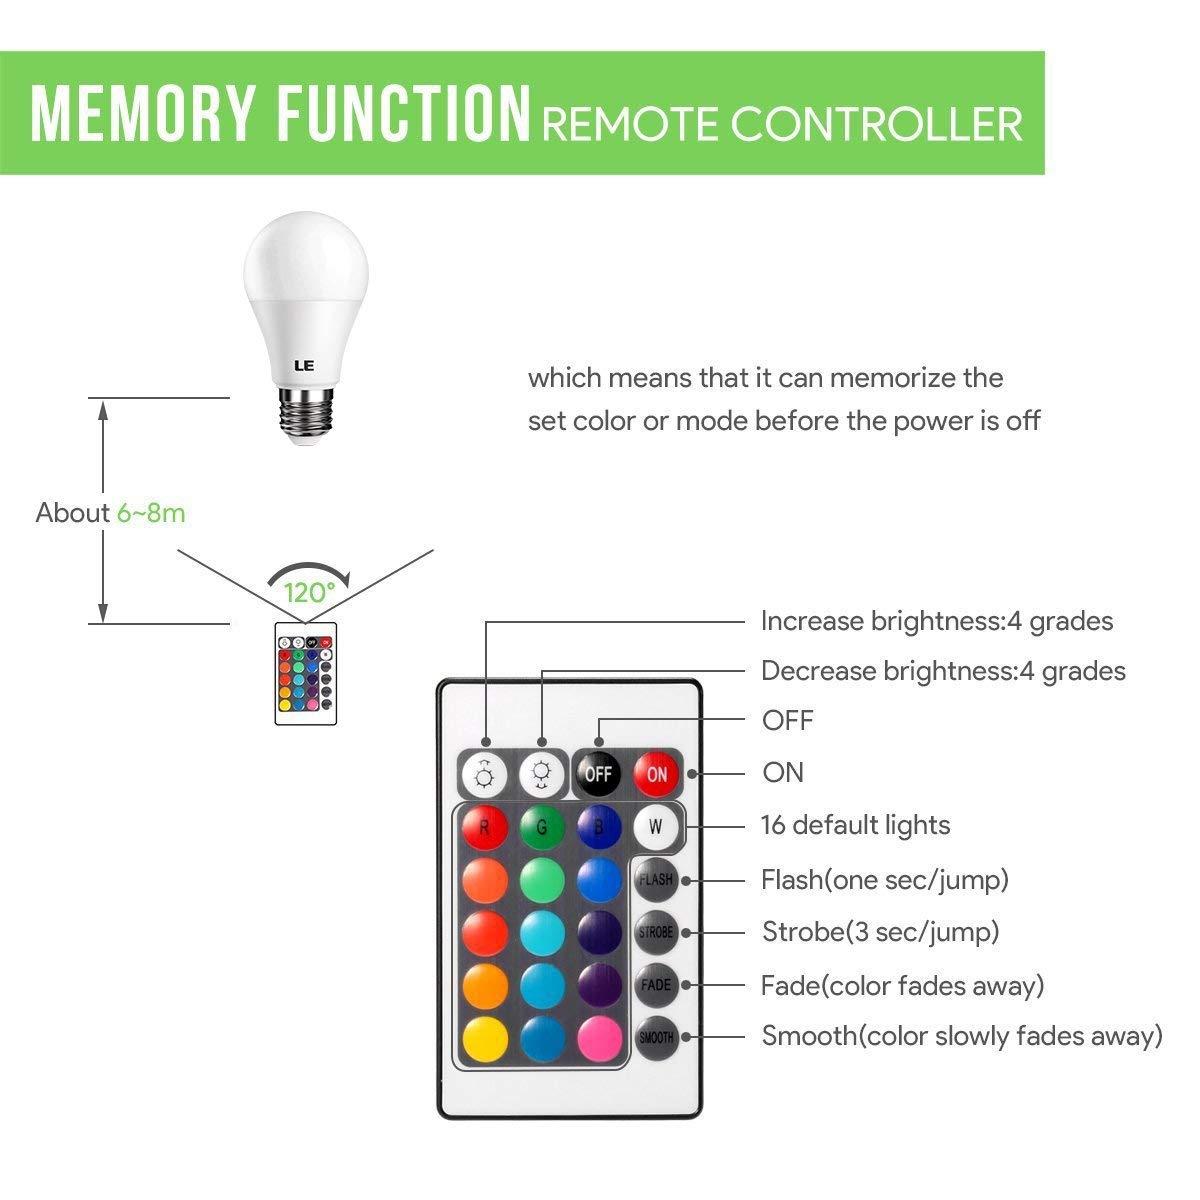 LE Lighting EVER LED Ampoules de Couleur E27, avec 16 Couleurs de Changement et Blanc Chaud 2700K, Ampoule RGBW E27 6W, Ampoule LED Multicolore avec Télécommande Incluse, Lot de 2